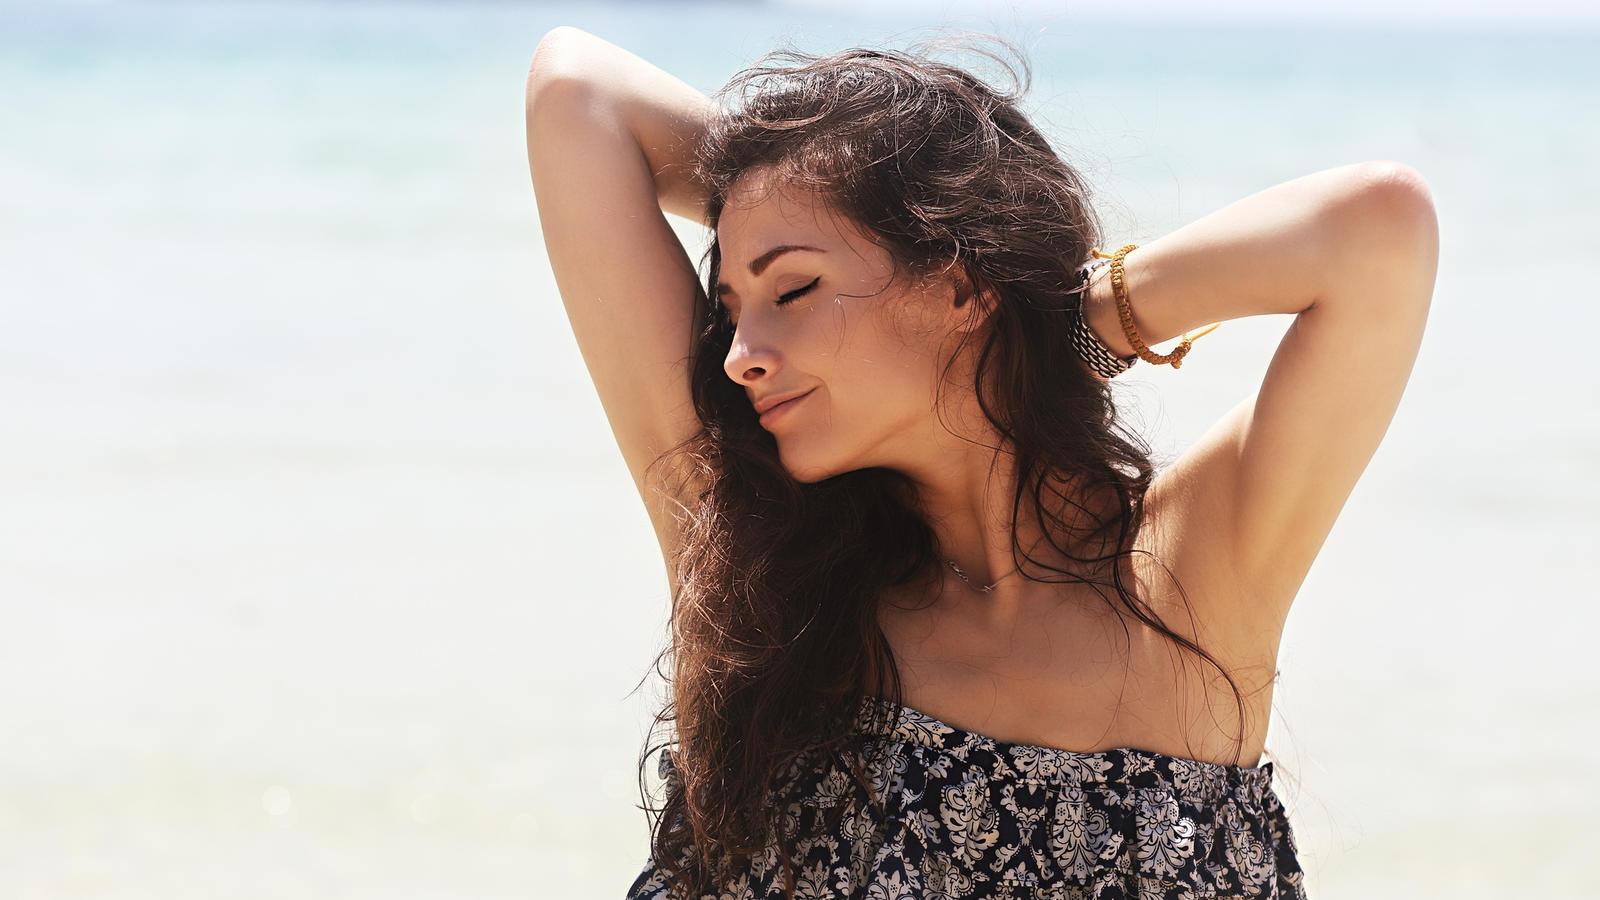 Wachsen Haare, Finger- und Zehennägel im Sommer wirklich schneller?